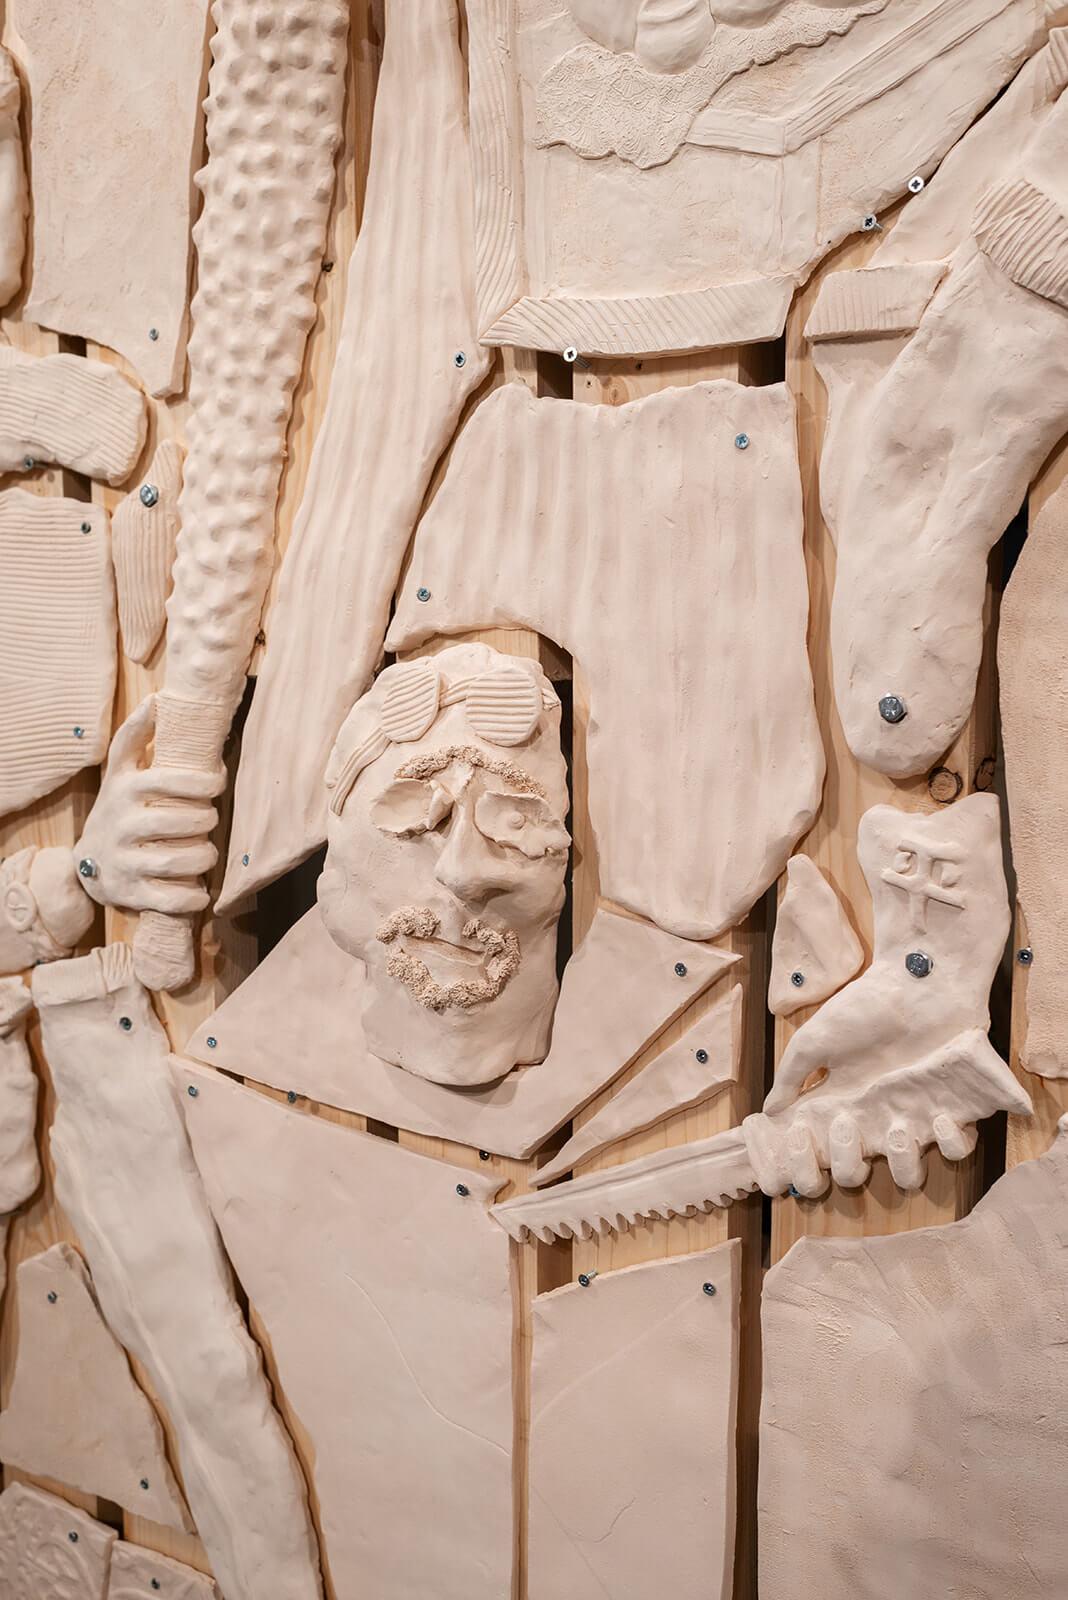 תמיר ארליך, פרט, מהומה בגלריה, 2021, קרמיקה, עץ, שקי חול<br /> צילום: נטע קונס